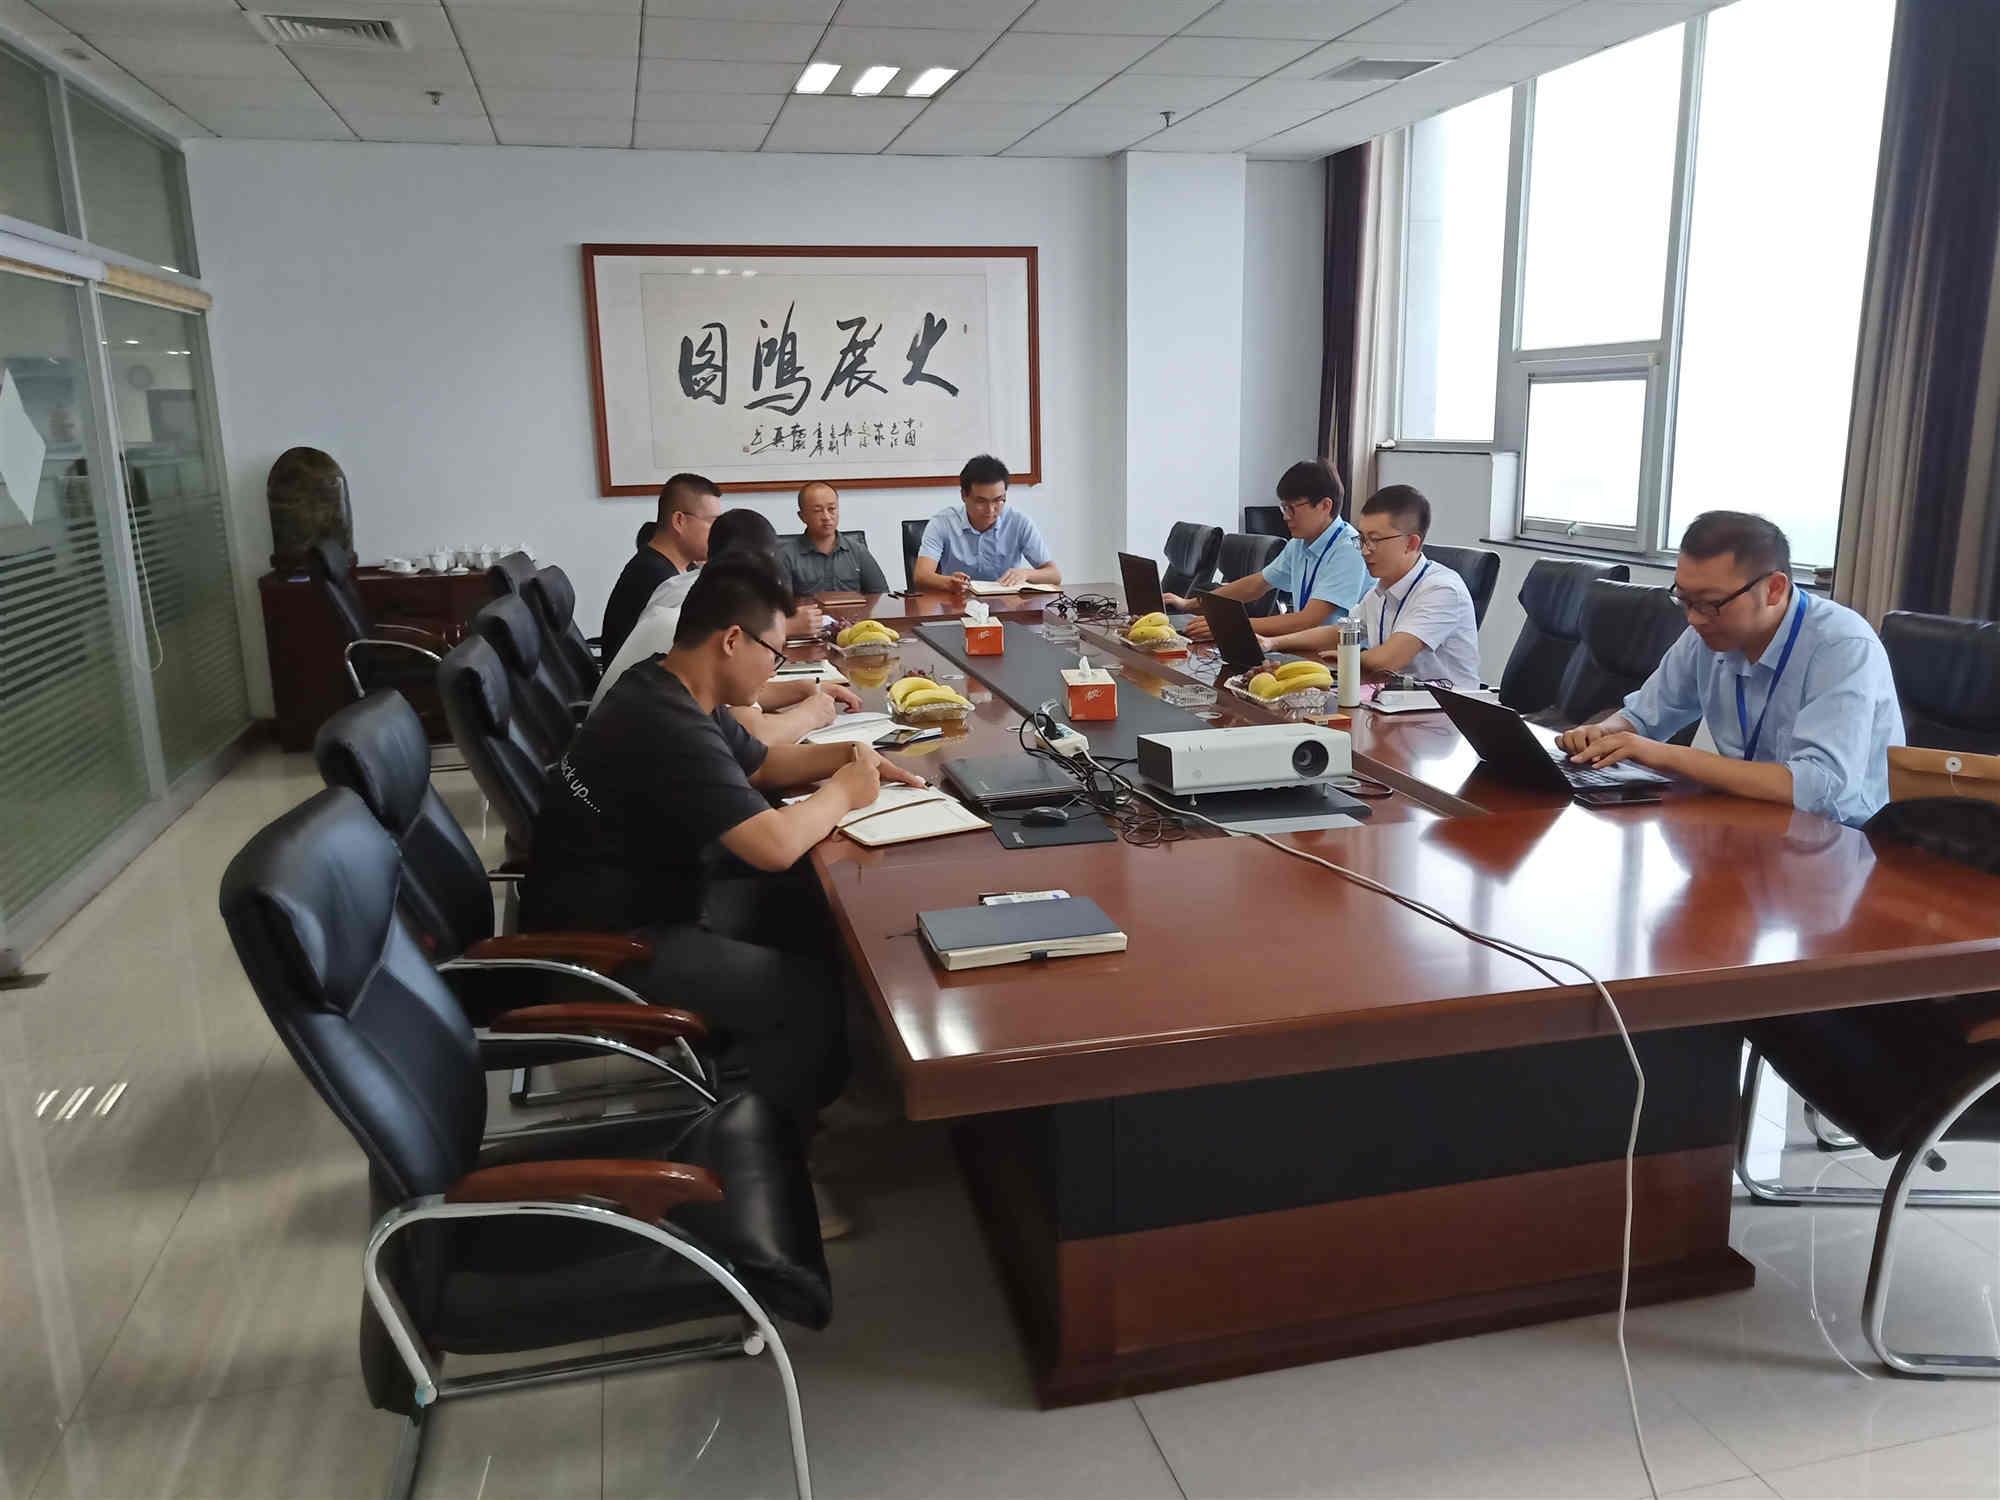 中审(深圳)认证有限公司对公司知识产权管理体系进行二阶段认证审核